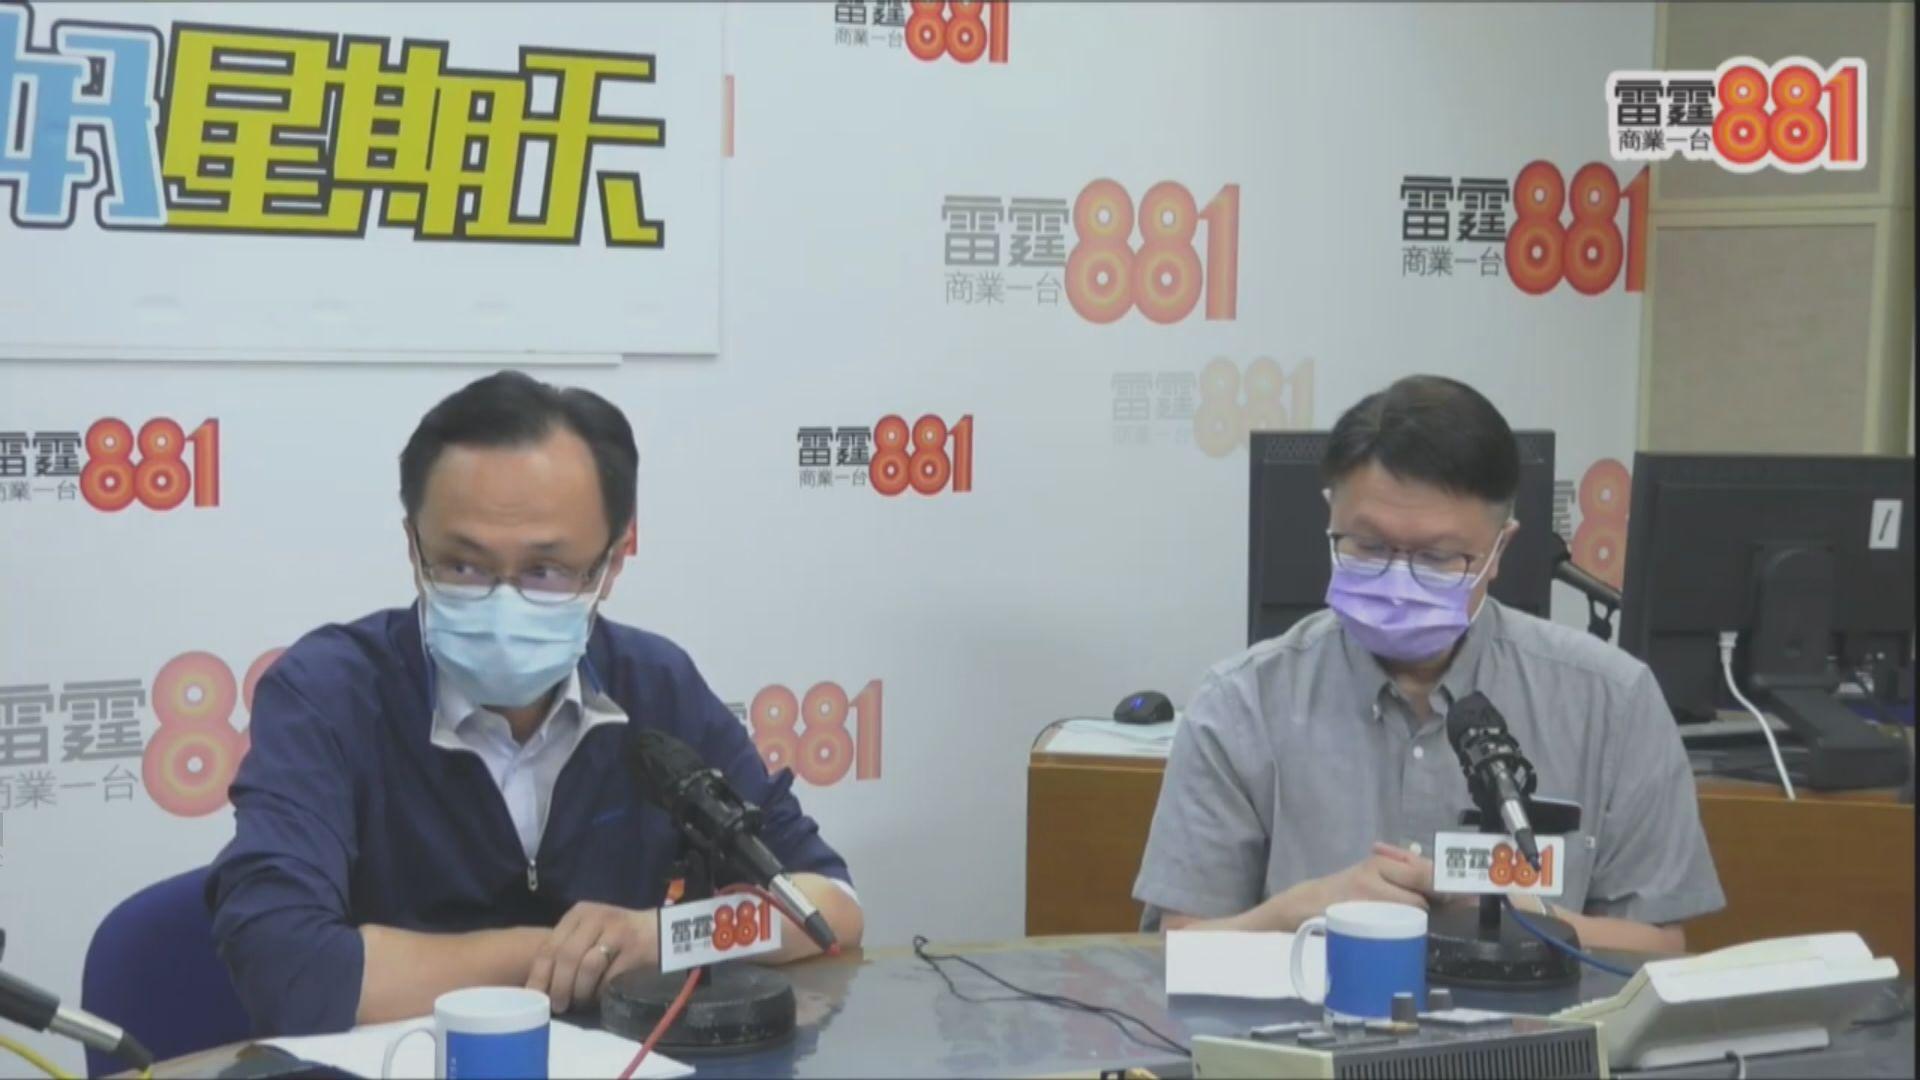 聶德權:檢測計劃有助政府準備應付未來疫情